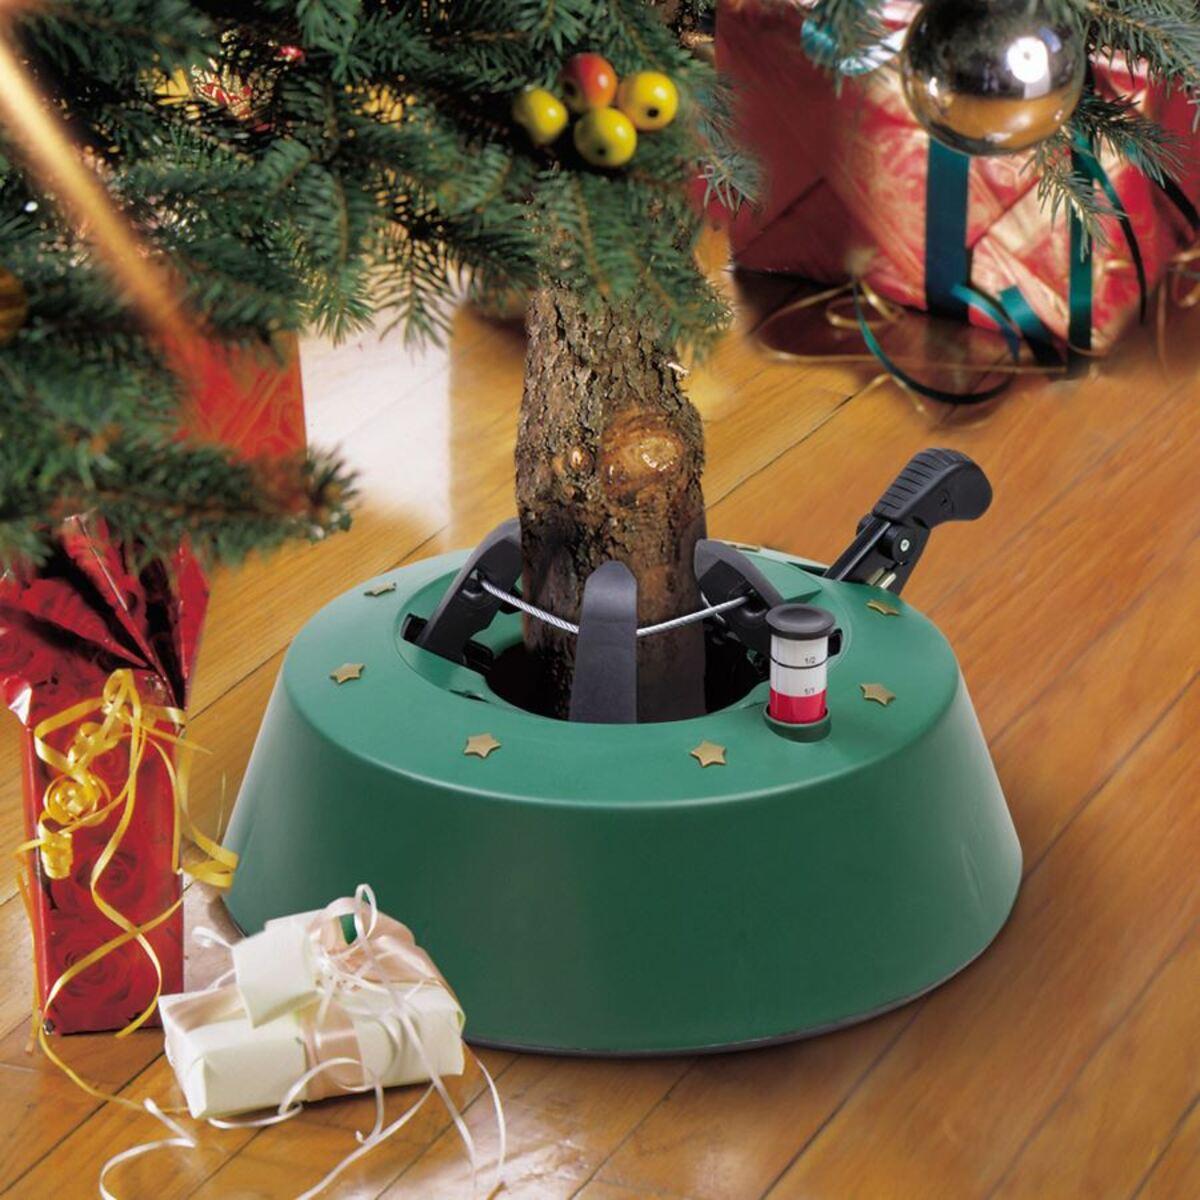 Bild 1 von Weihnachtsbaumständer 30cm + Tank